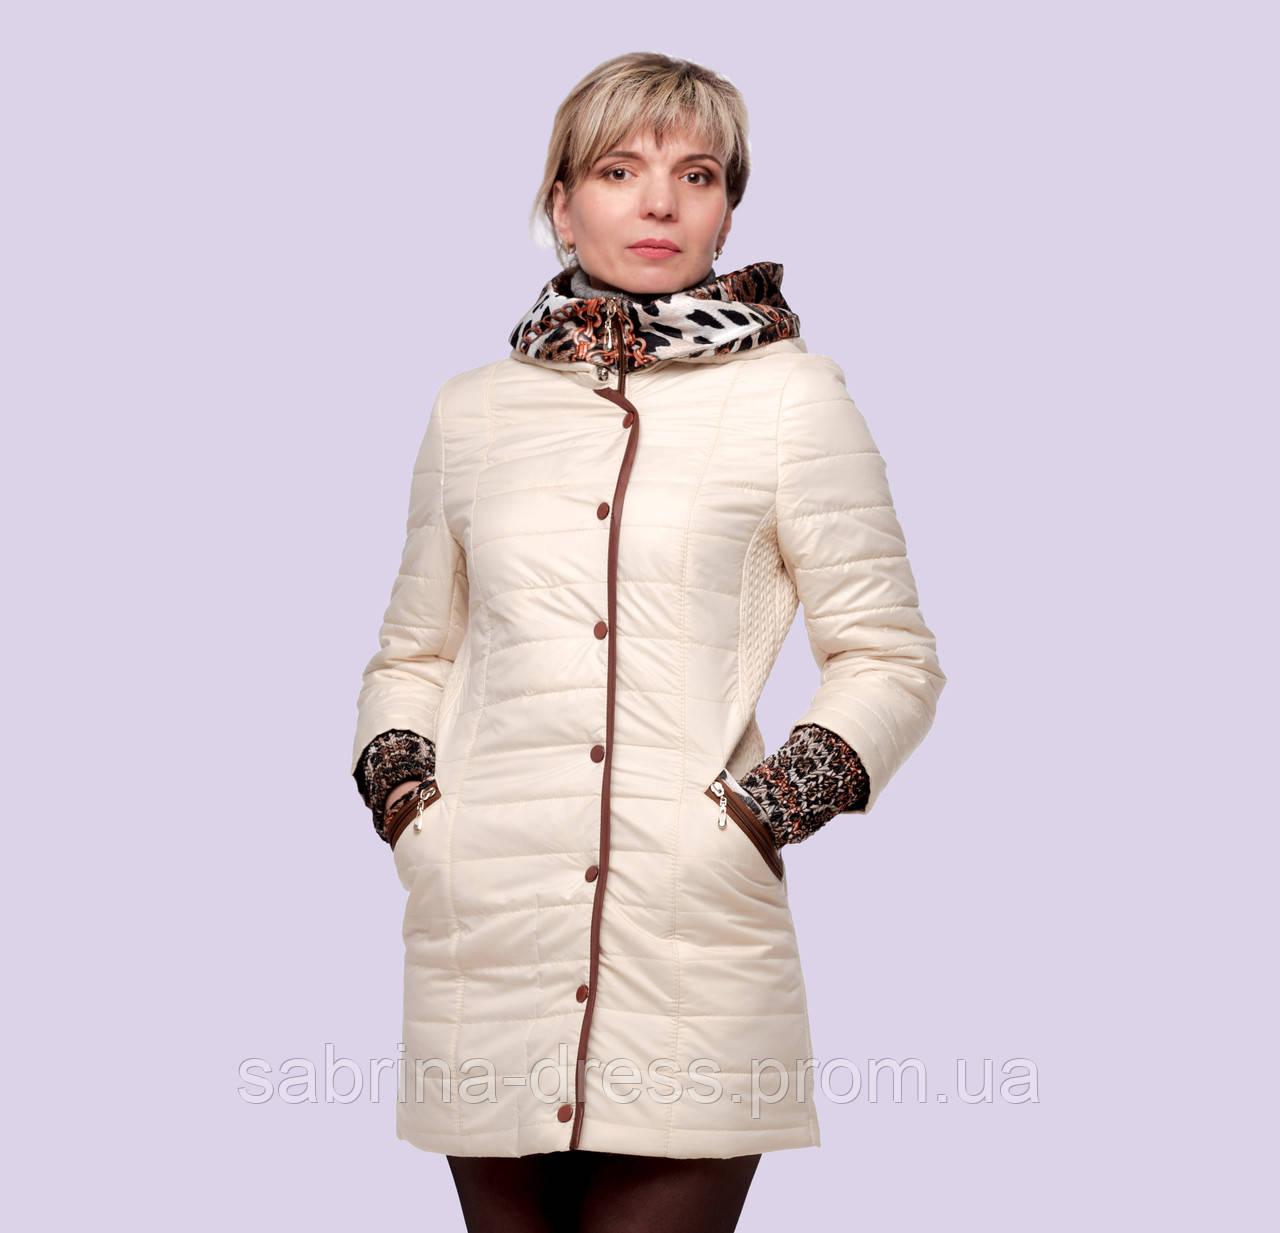 cecca871dcc Куртка женская демисезонная. Модель 102. Размеры 46-56  продажа ...